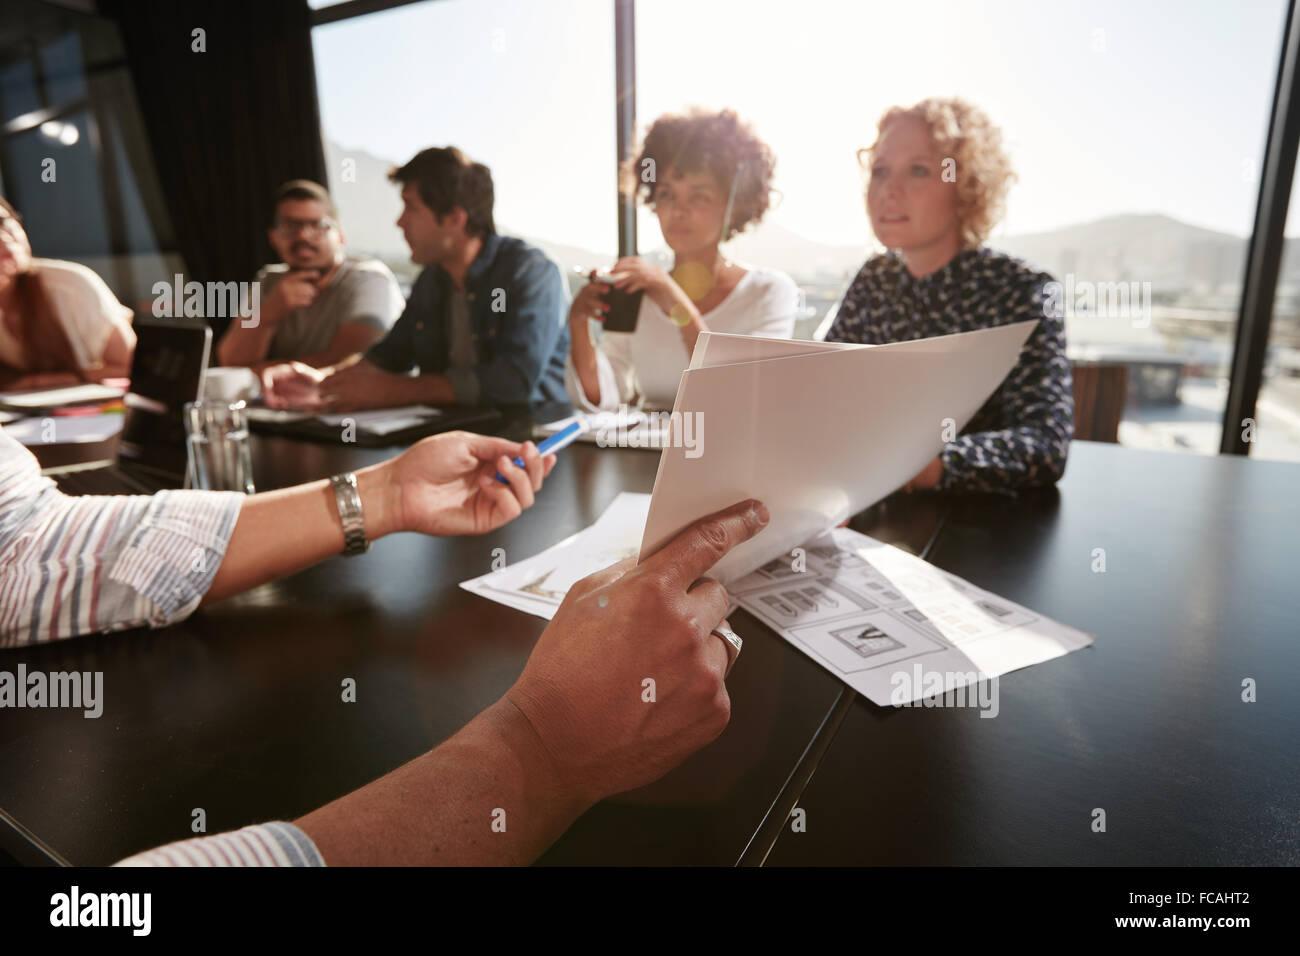 Articles dans des mains de jeune homme expliquant plan d'affaires pour son équipe créative. Les créatifs Photo Stock